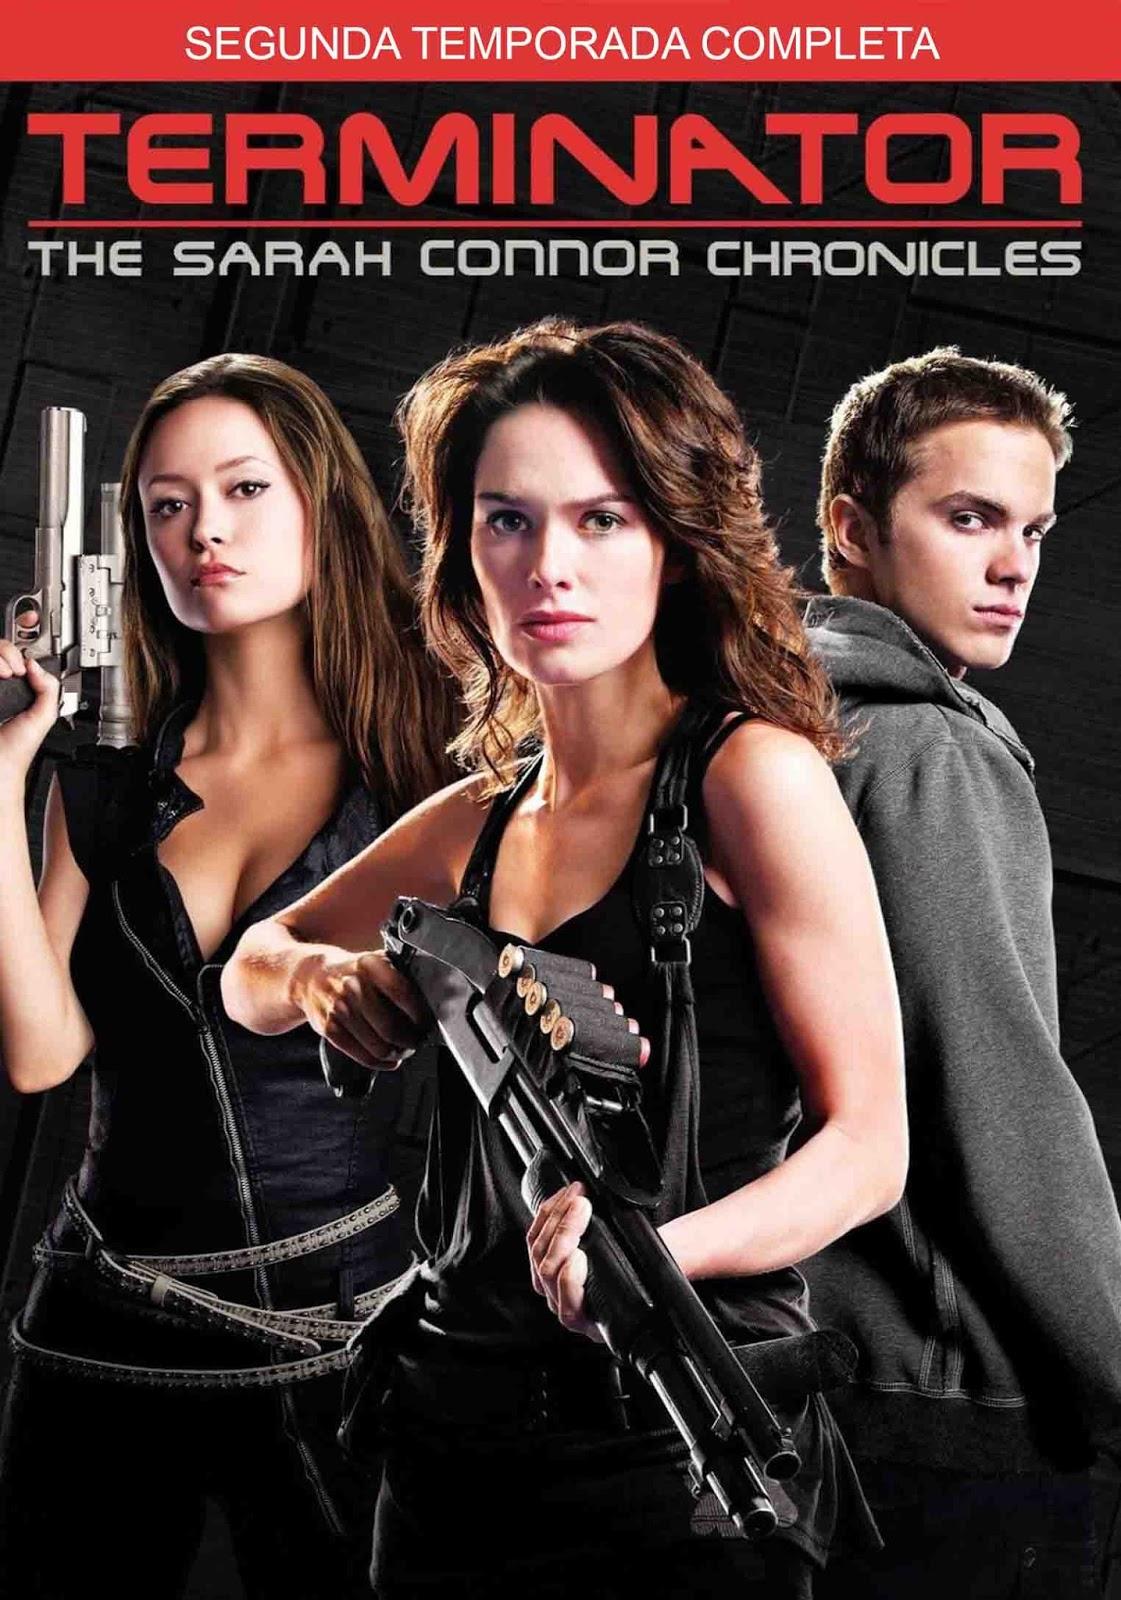 O Exterminador do Futuro: Crônicas de Sarah Connor 2ª Temporada Torrent - Blu-ray Rip 720p Dublado (2009)